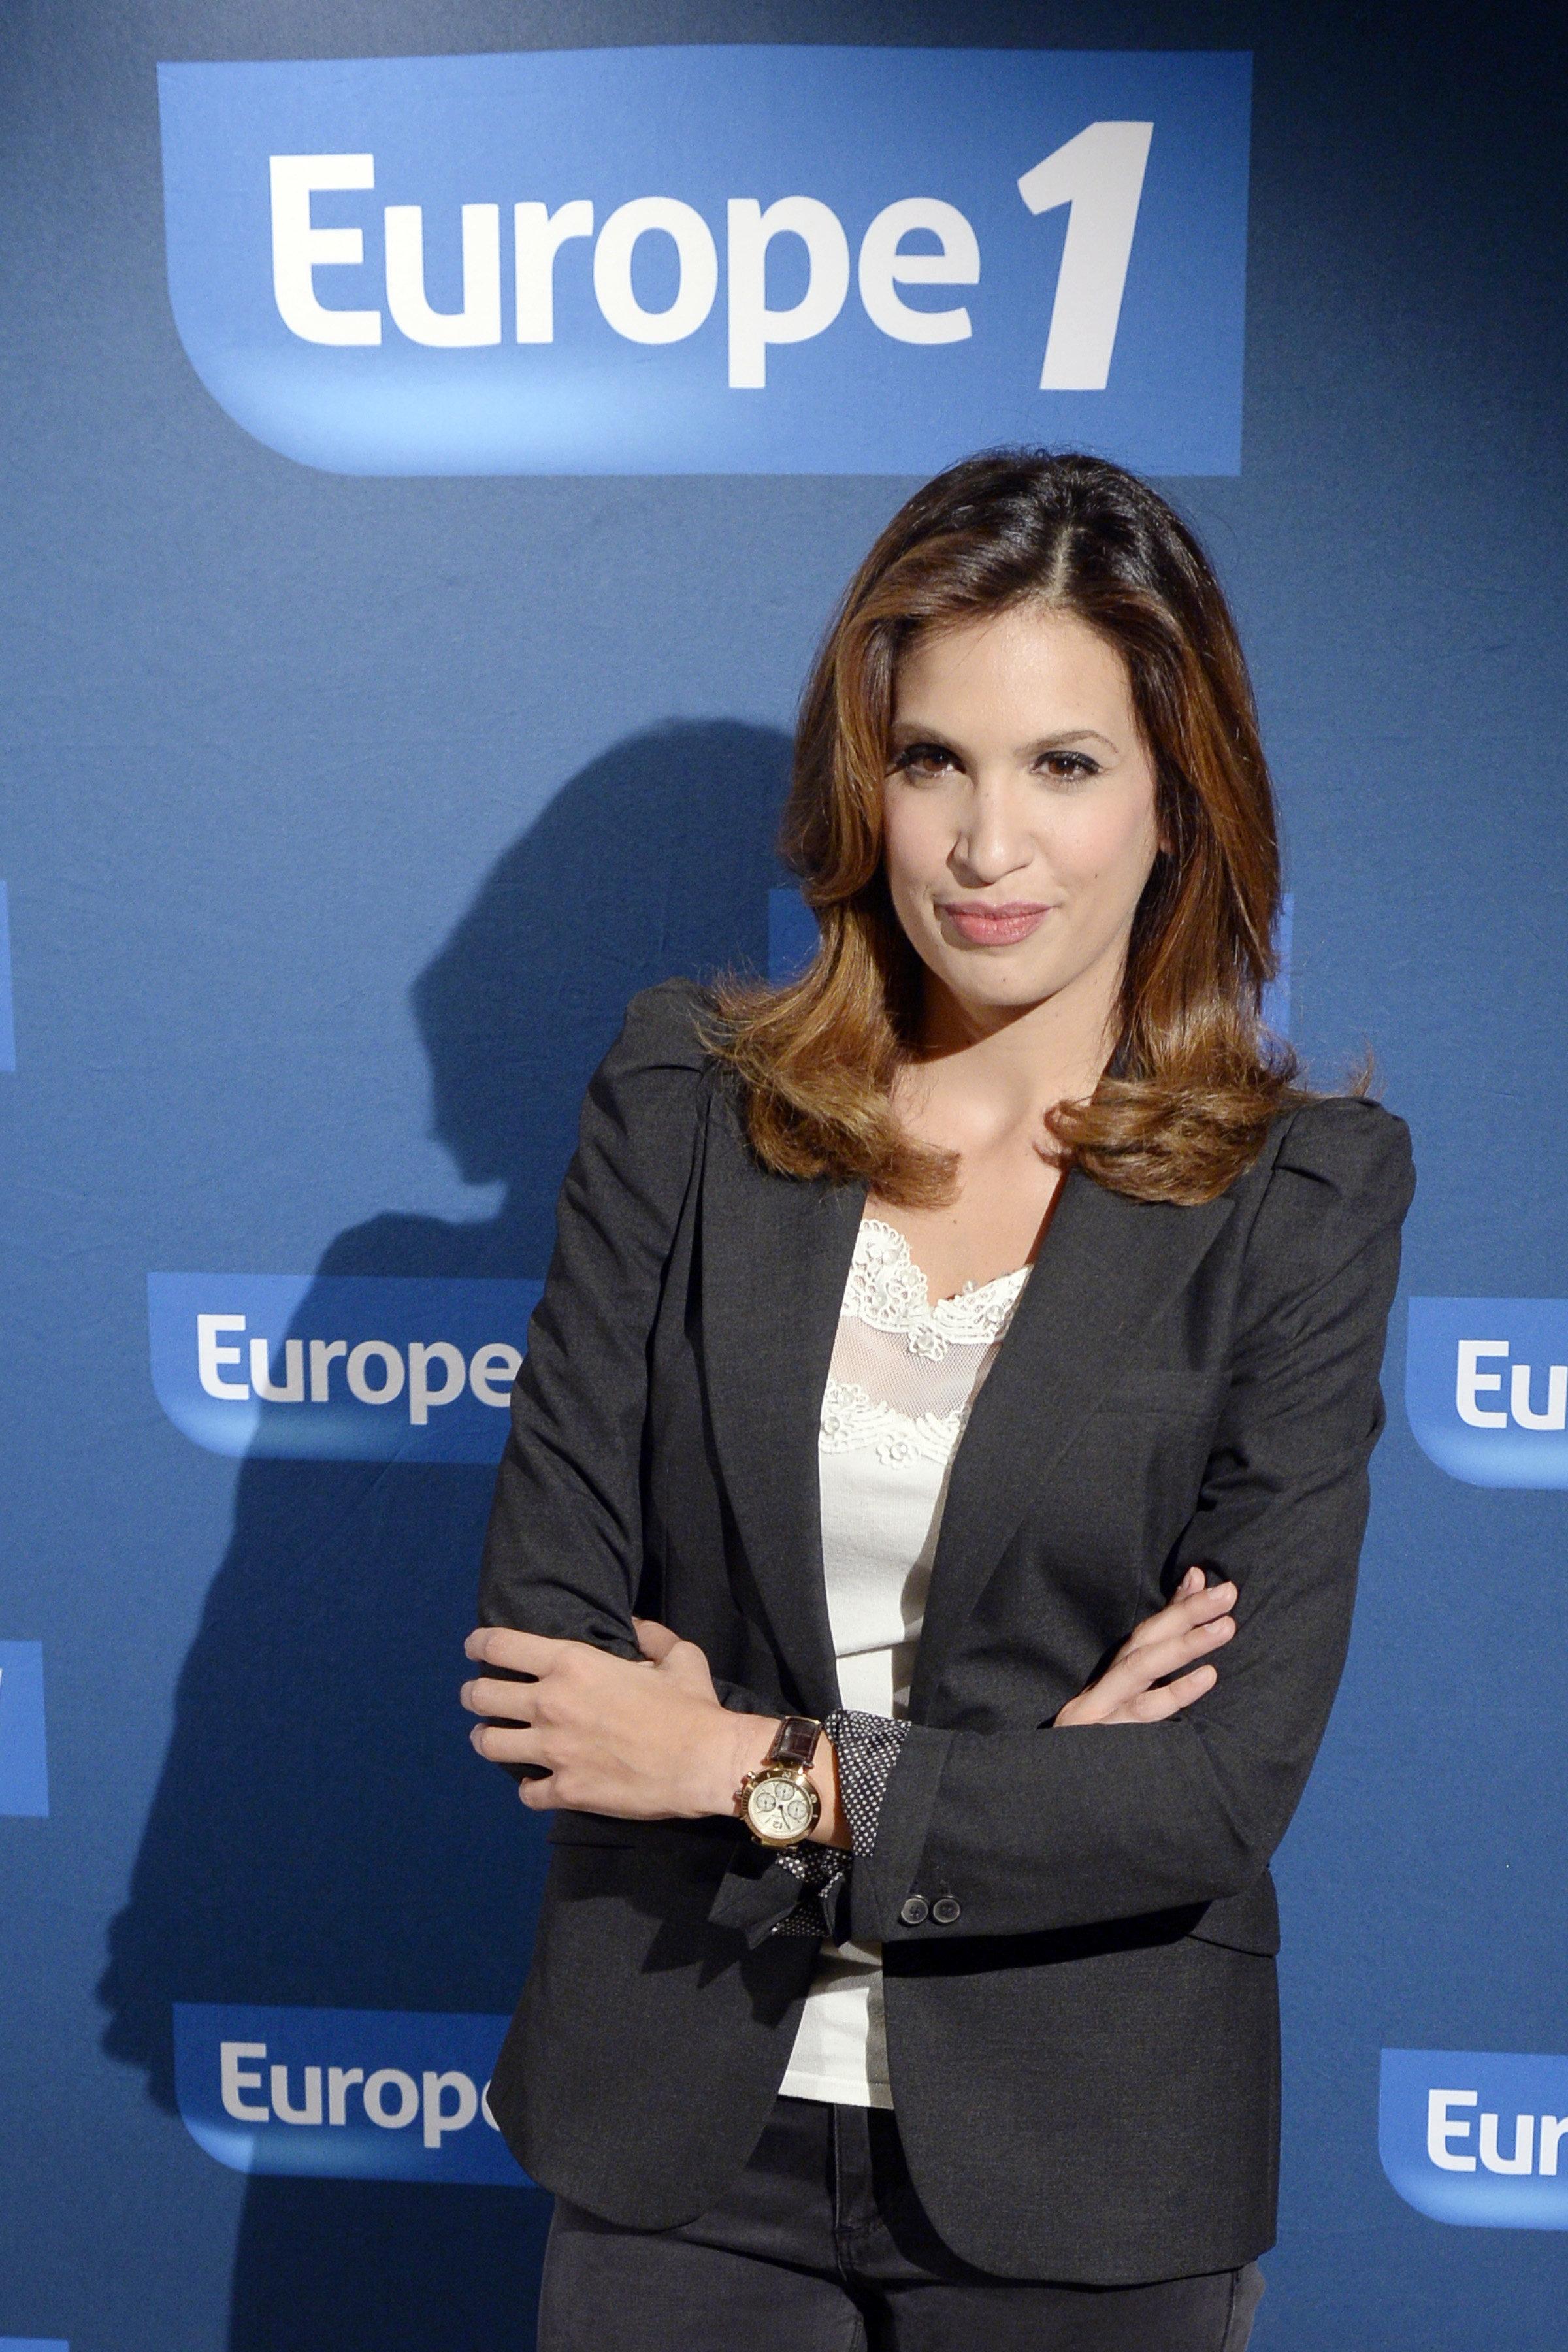 La journaliste franco-tunisienne Sonia Mabrouk dans la shortlist pour remplacer Yann Moix dans